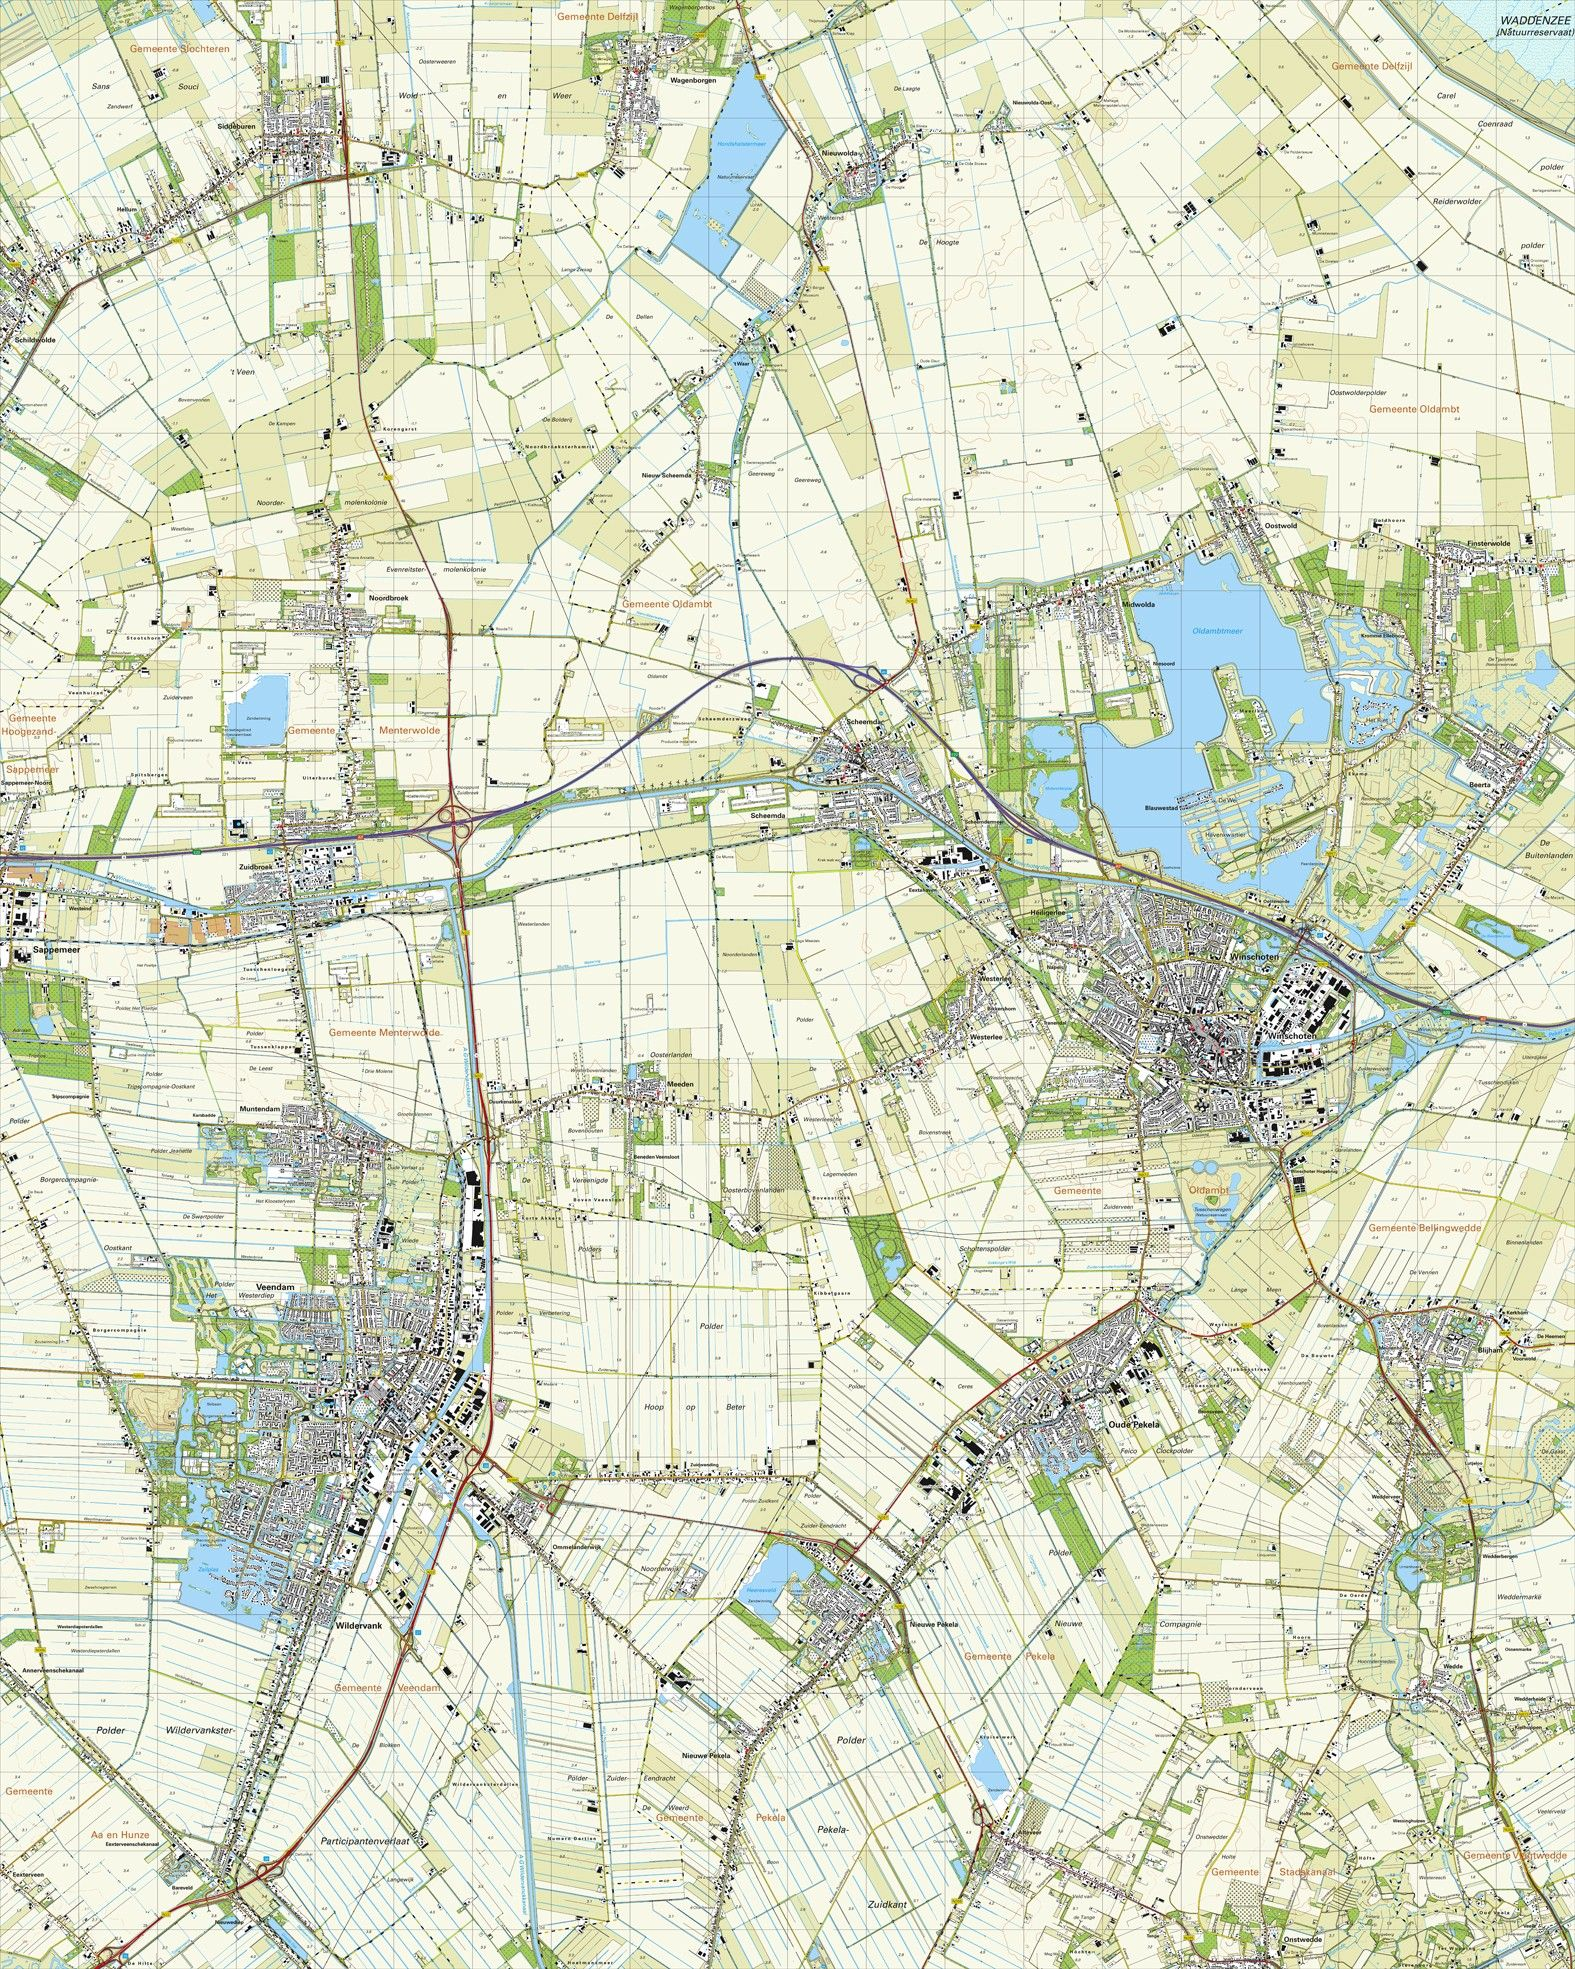 Topografische kaart schaal 1:25.000 (Winschoten,Oude-Pekela,Nieuwe-Pekela,Veendam,Zuidbroek)